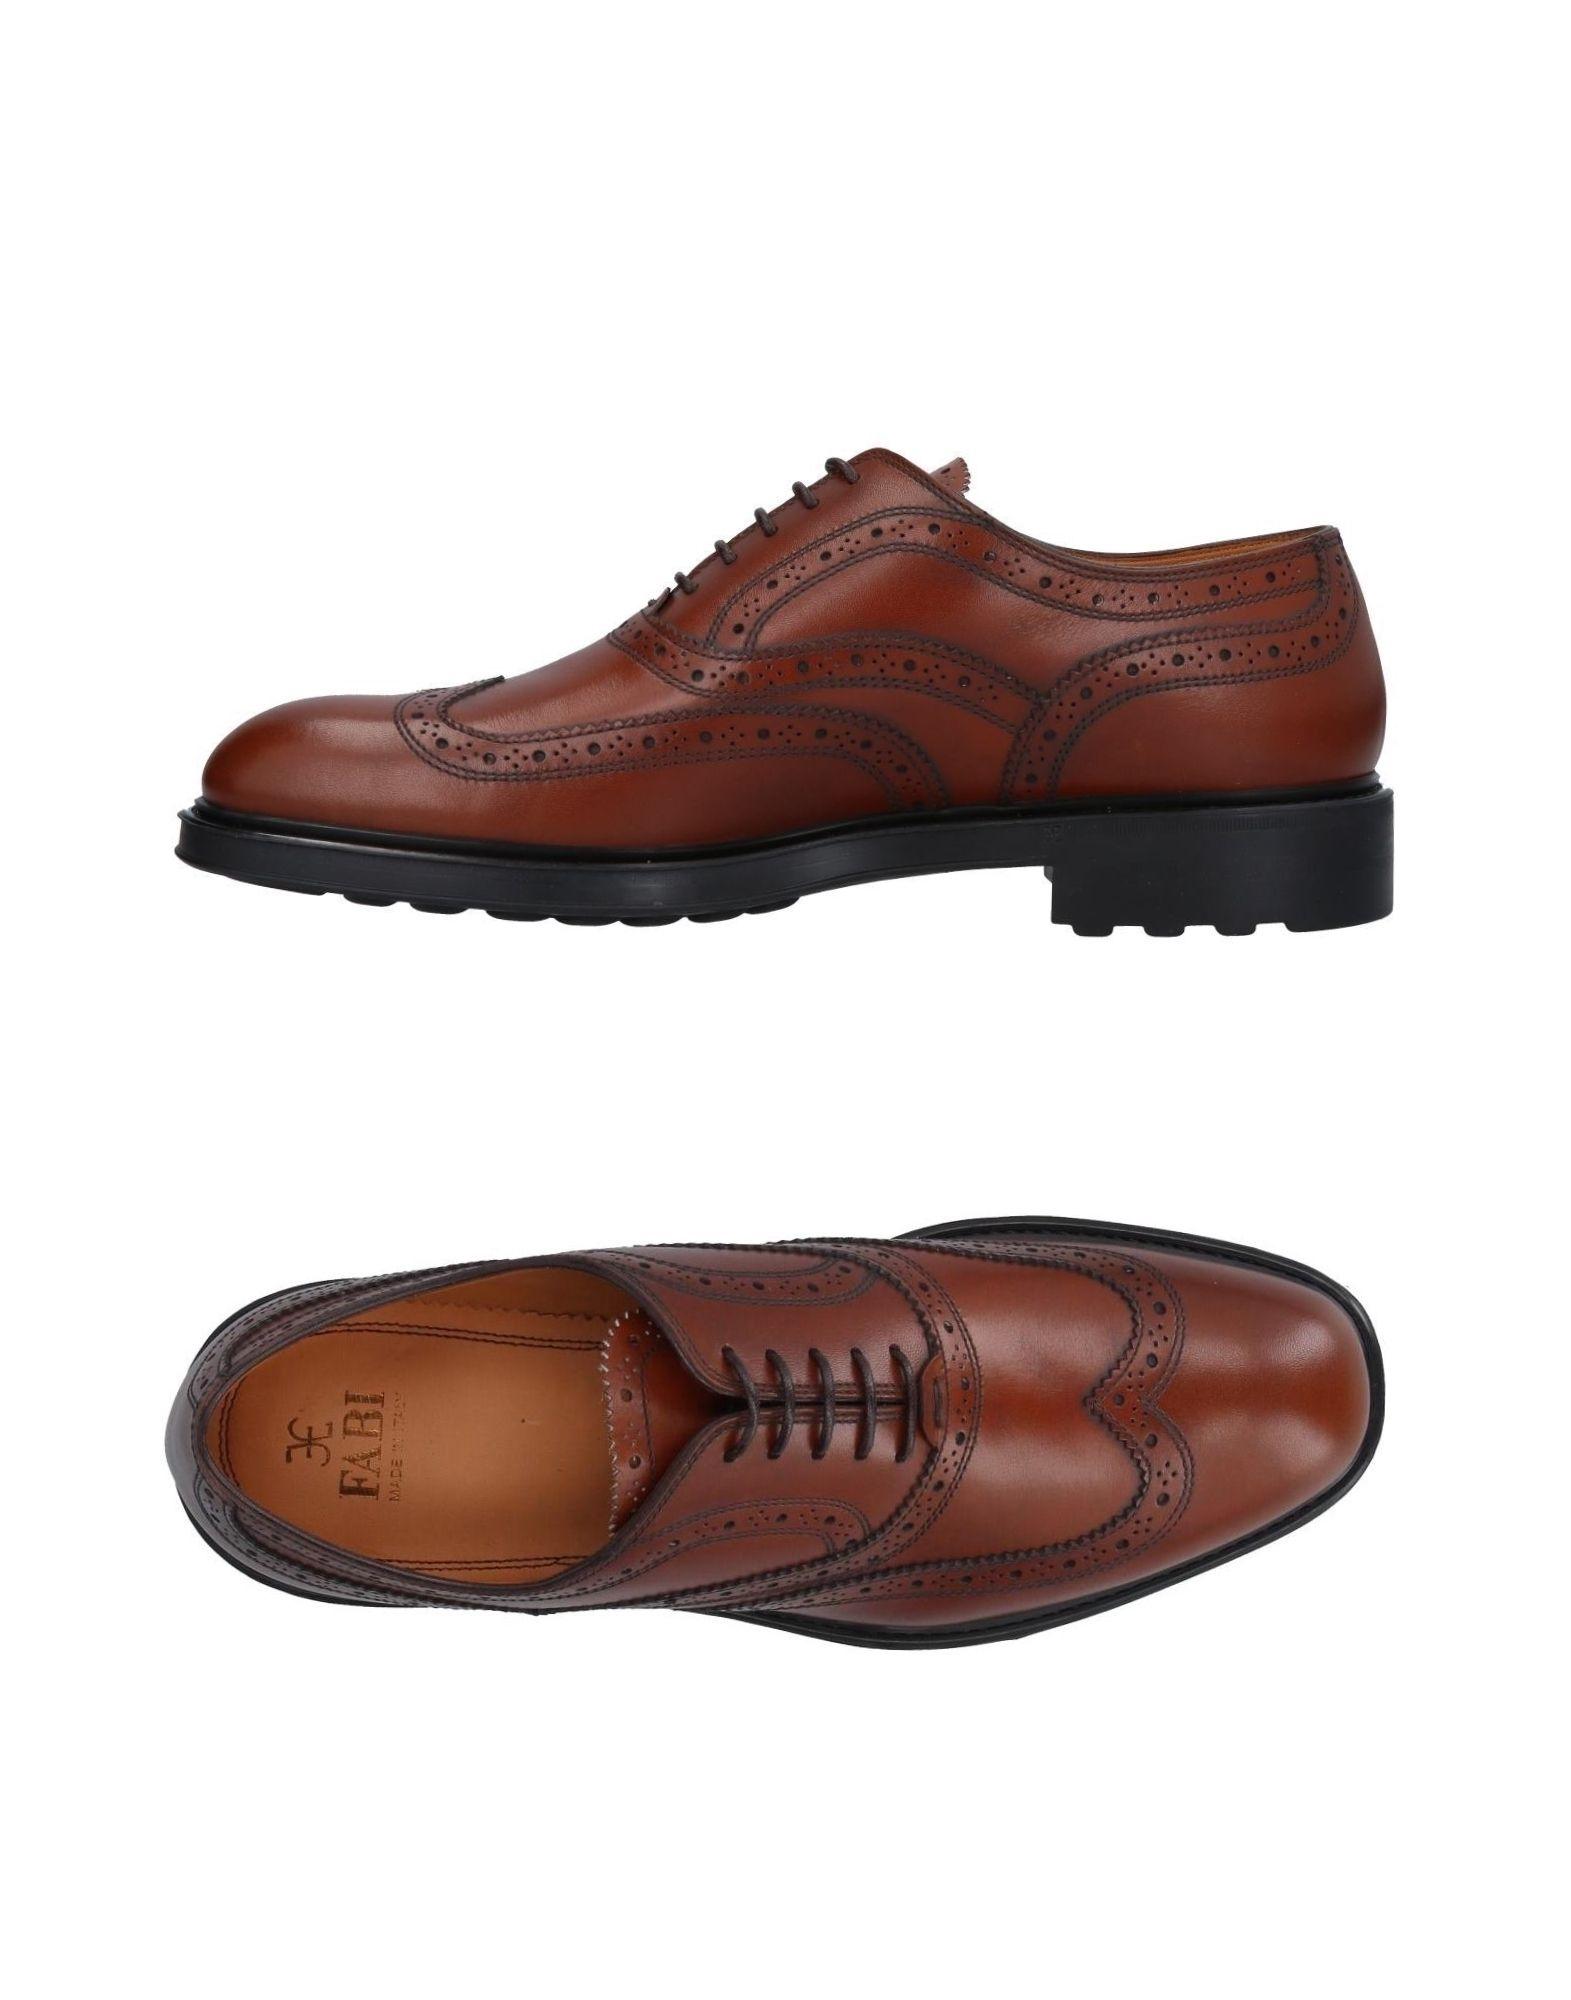 Herren Fabi Schnürschuhe Herren   11405795UV Heiße Schuhe 720df1